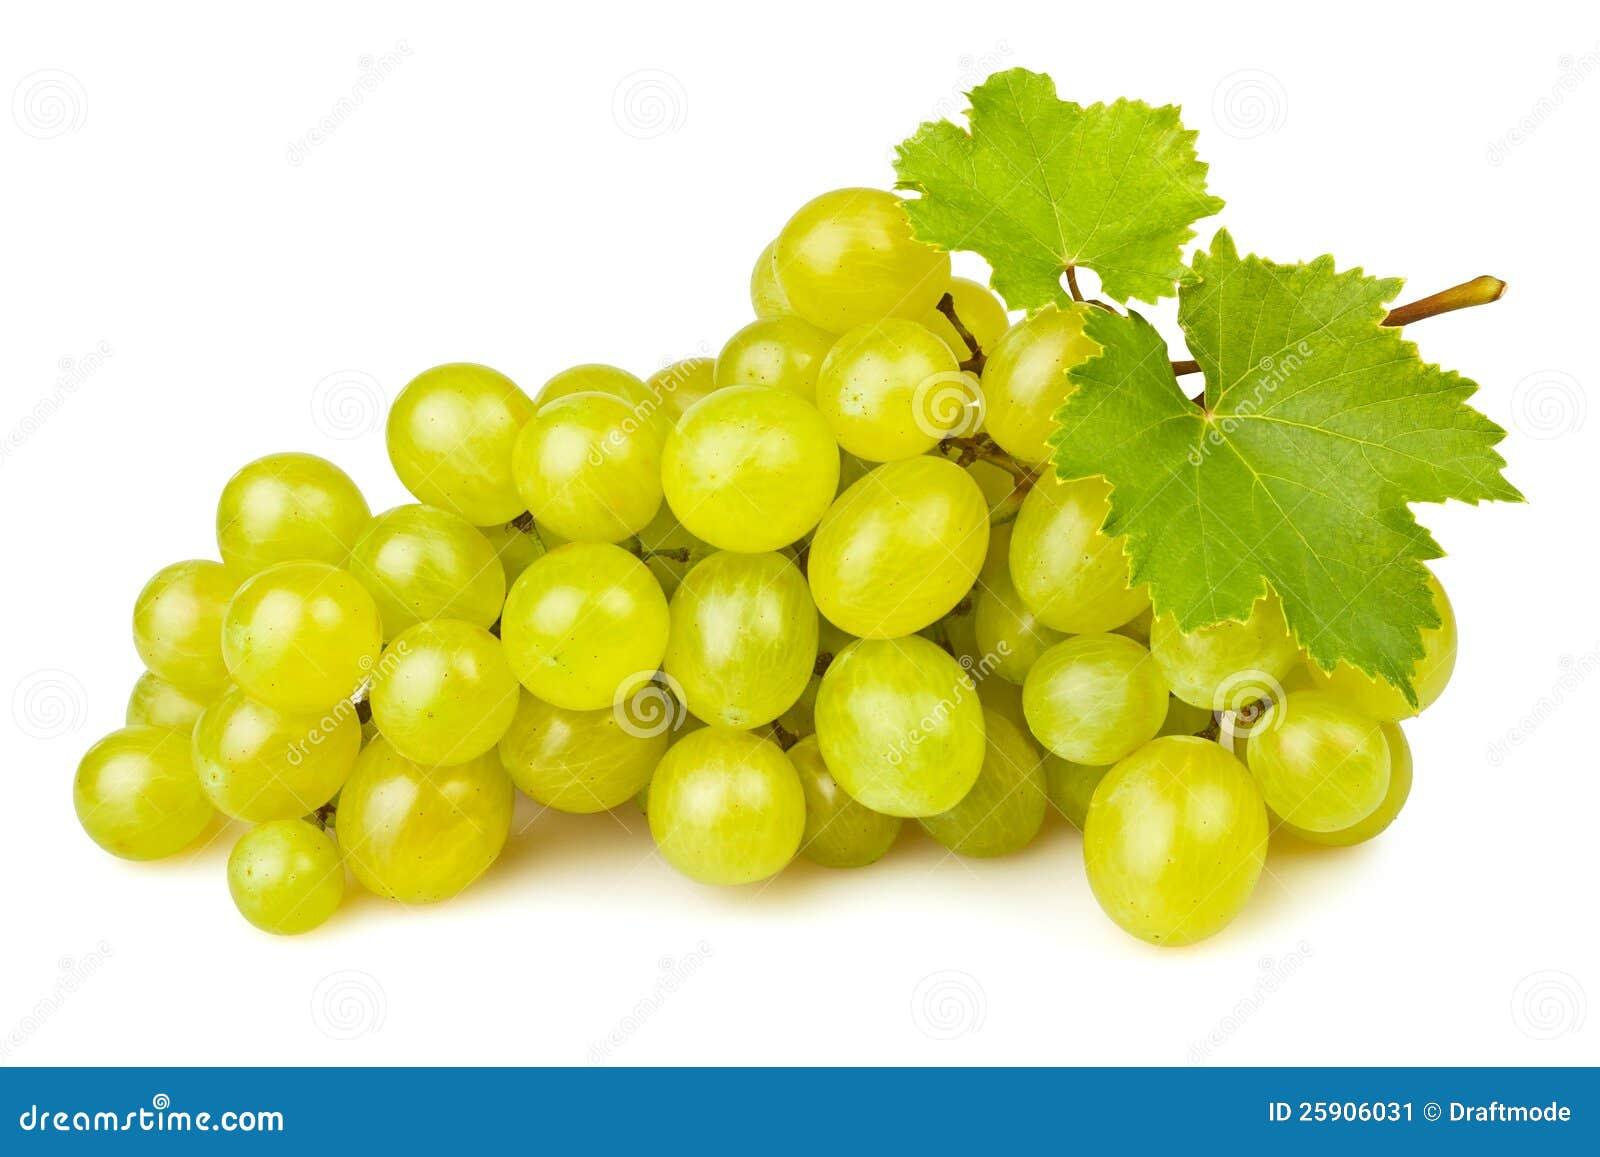 Risultati immagini per immagine uva